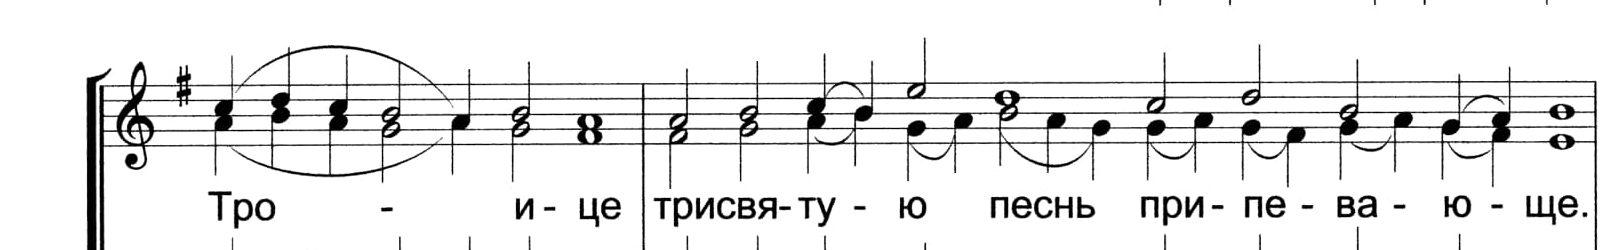 Херувимская песнь. Грузинский распев